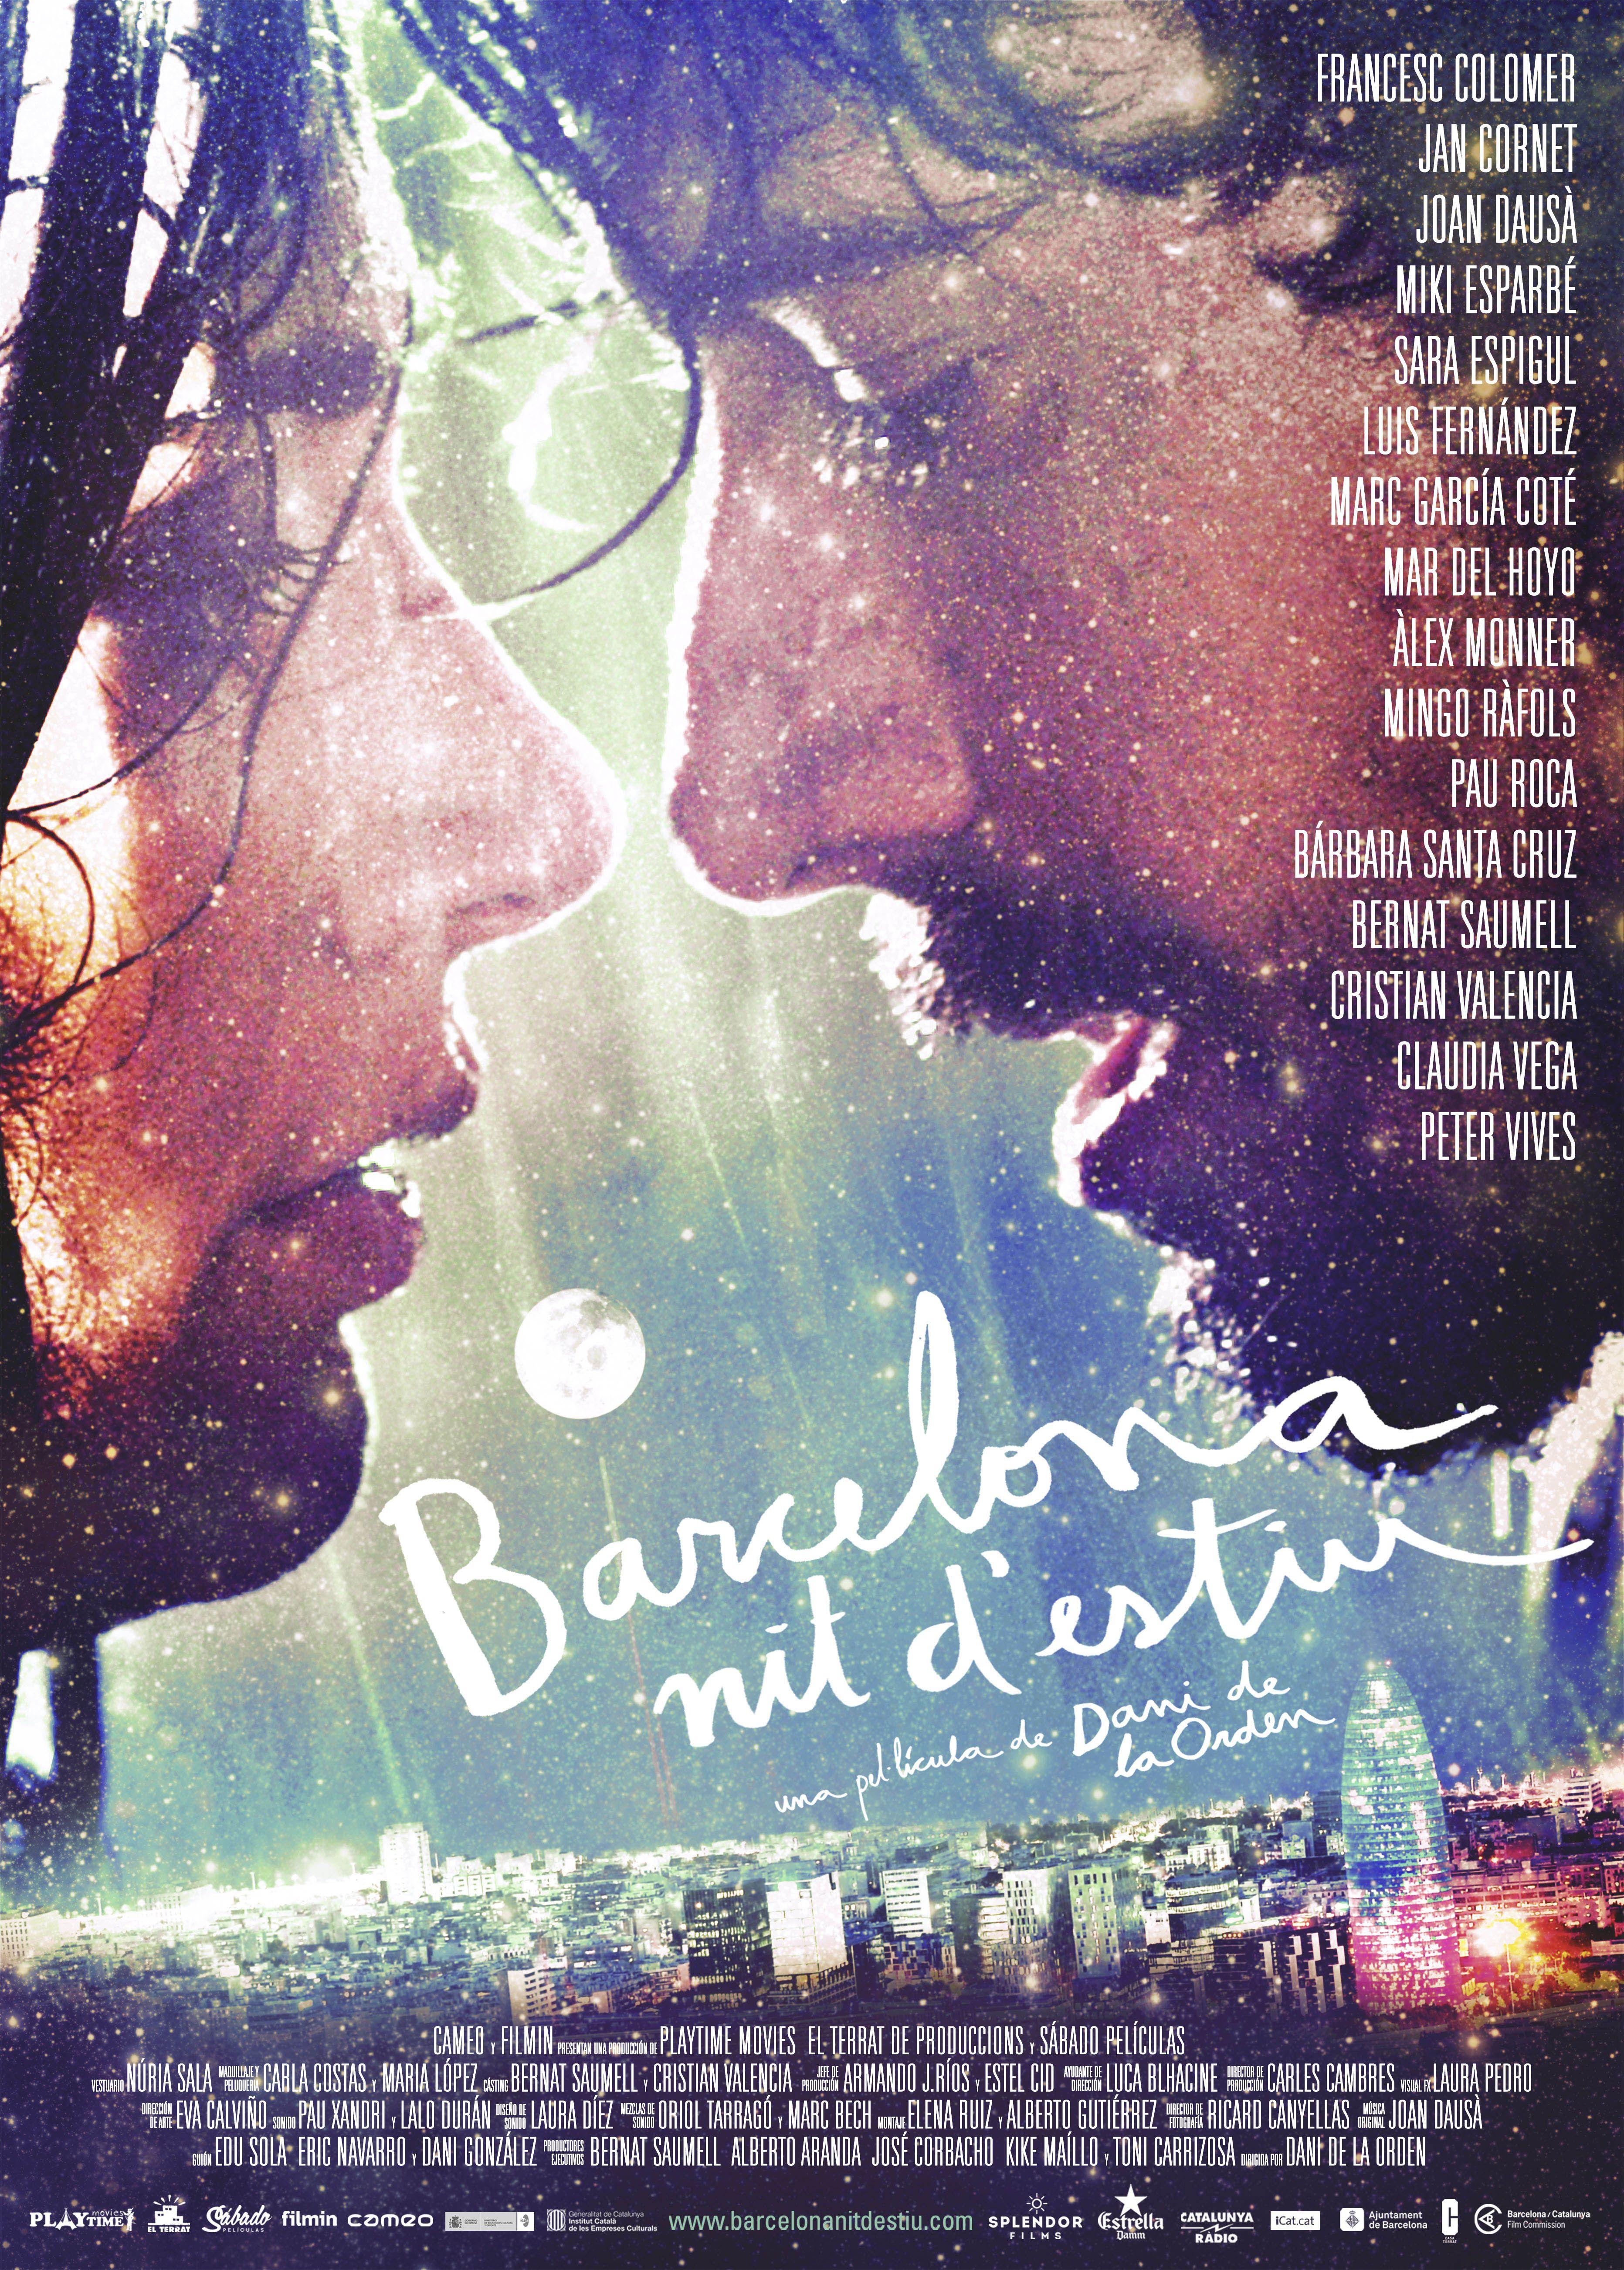 Barcelona Noche De Verano Noche De Verano Barcelona Noche Carteleras De Cine